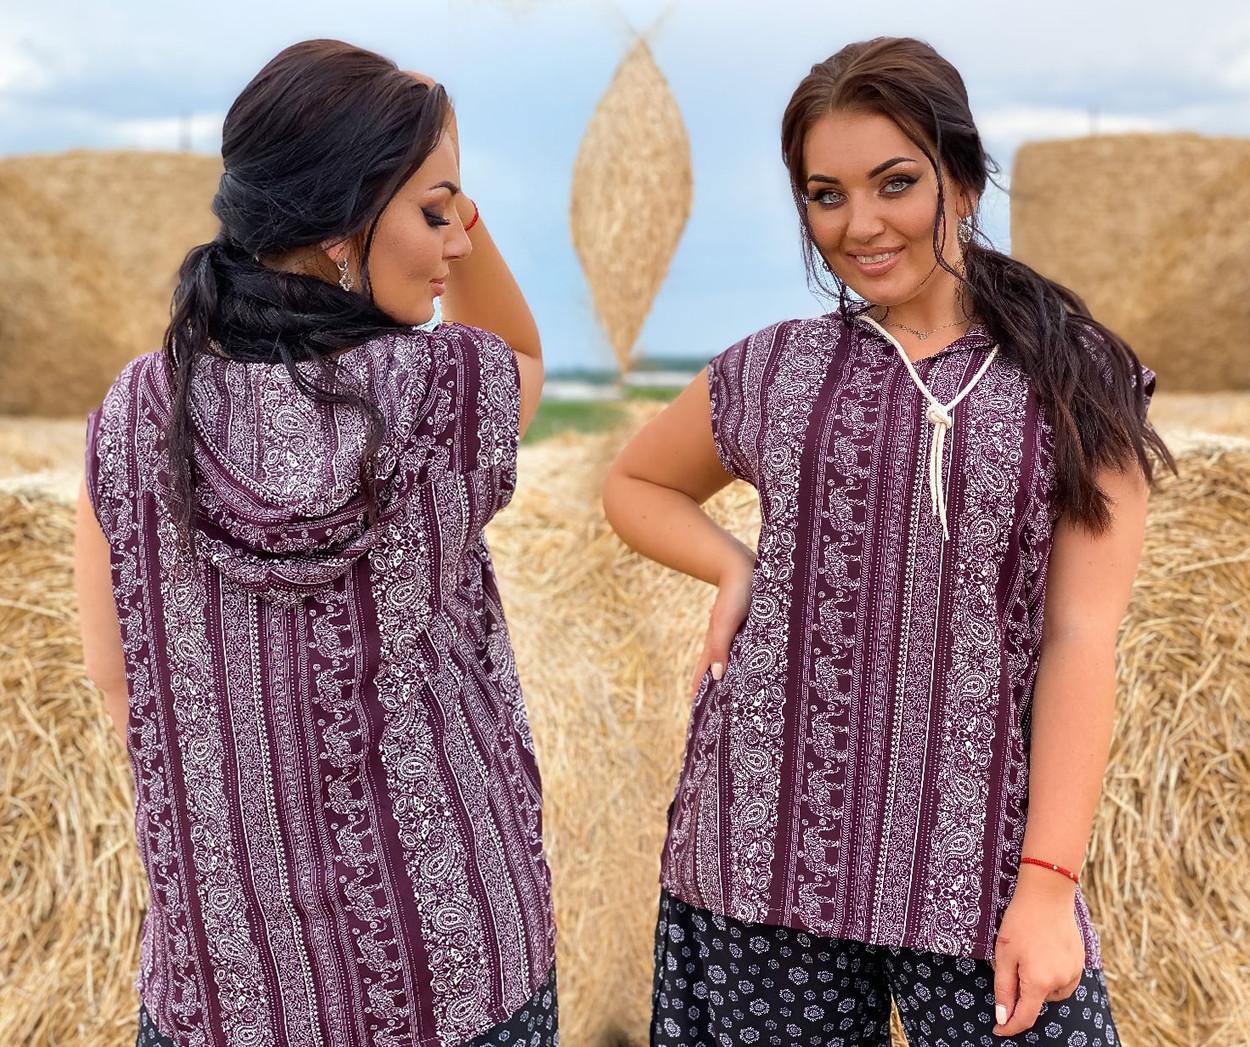 """Летняя женская блузка в больших размерах 105 """"Штапель Принт Капюшон"""" в расцветках"""